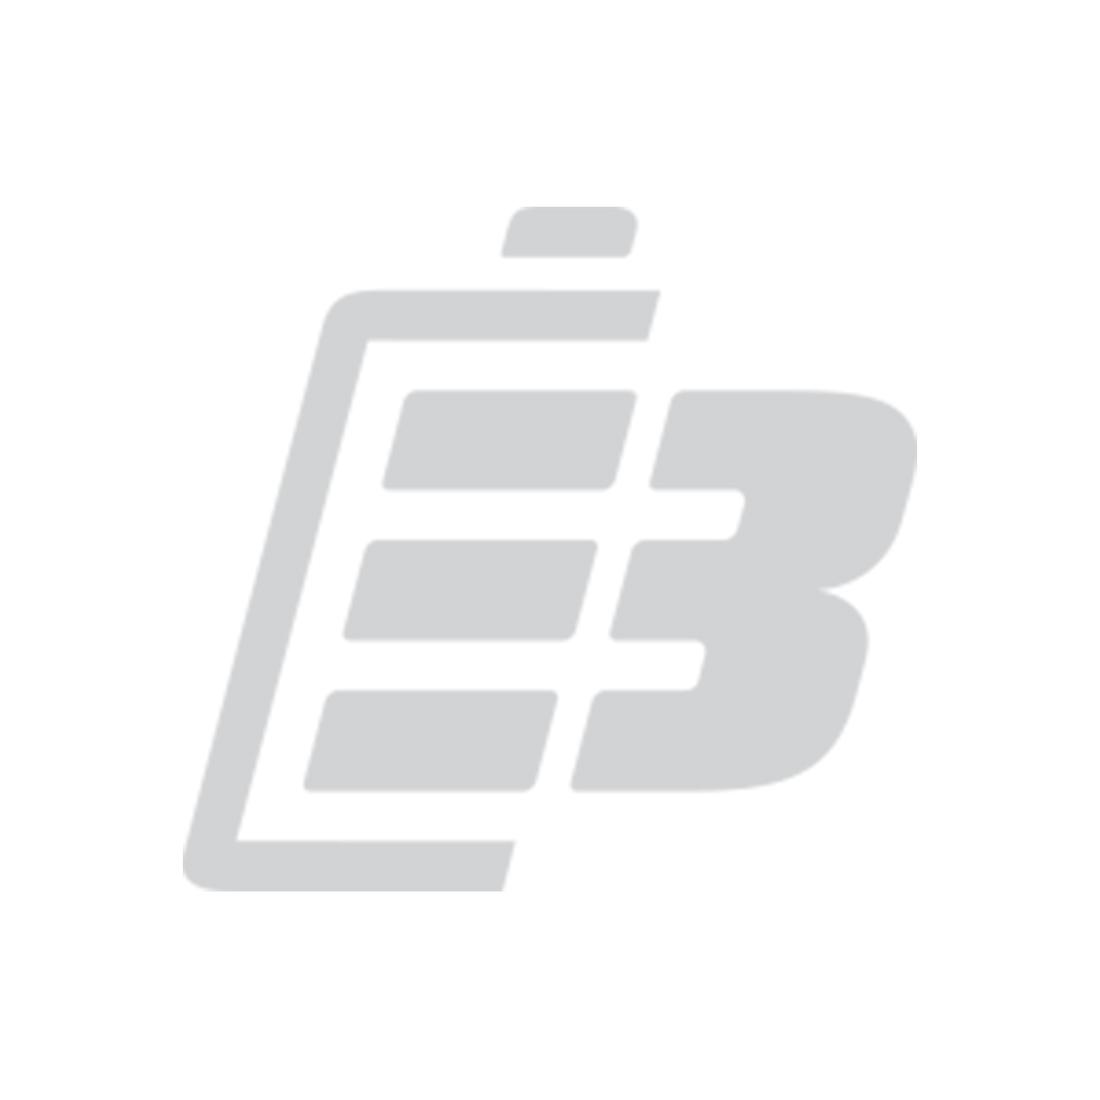 Mobile phone battery Blackberry 7100_1